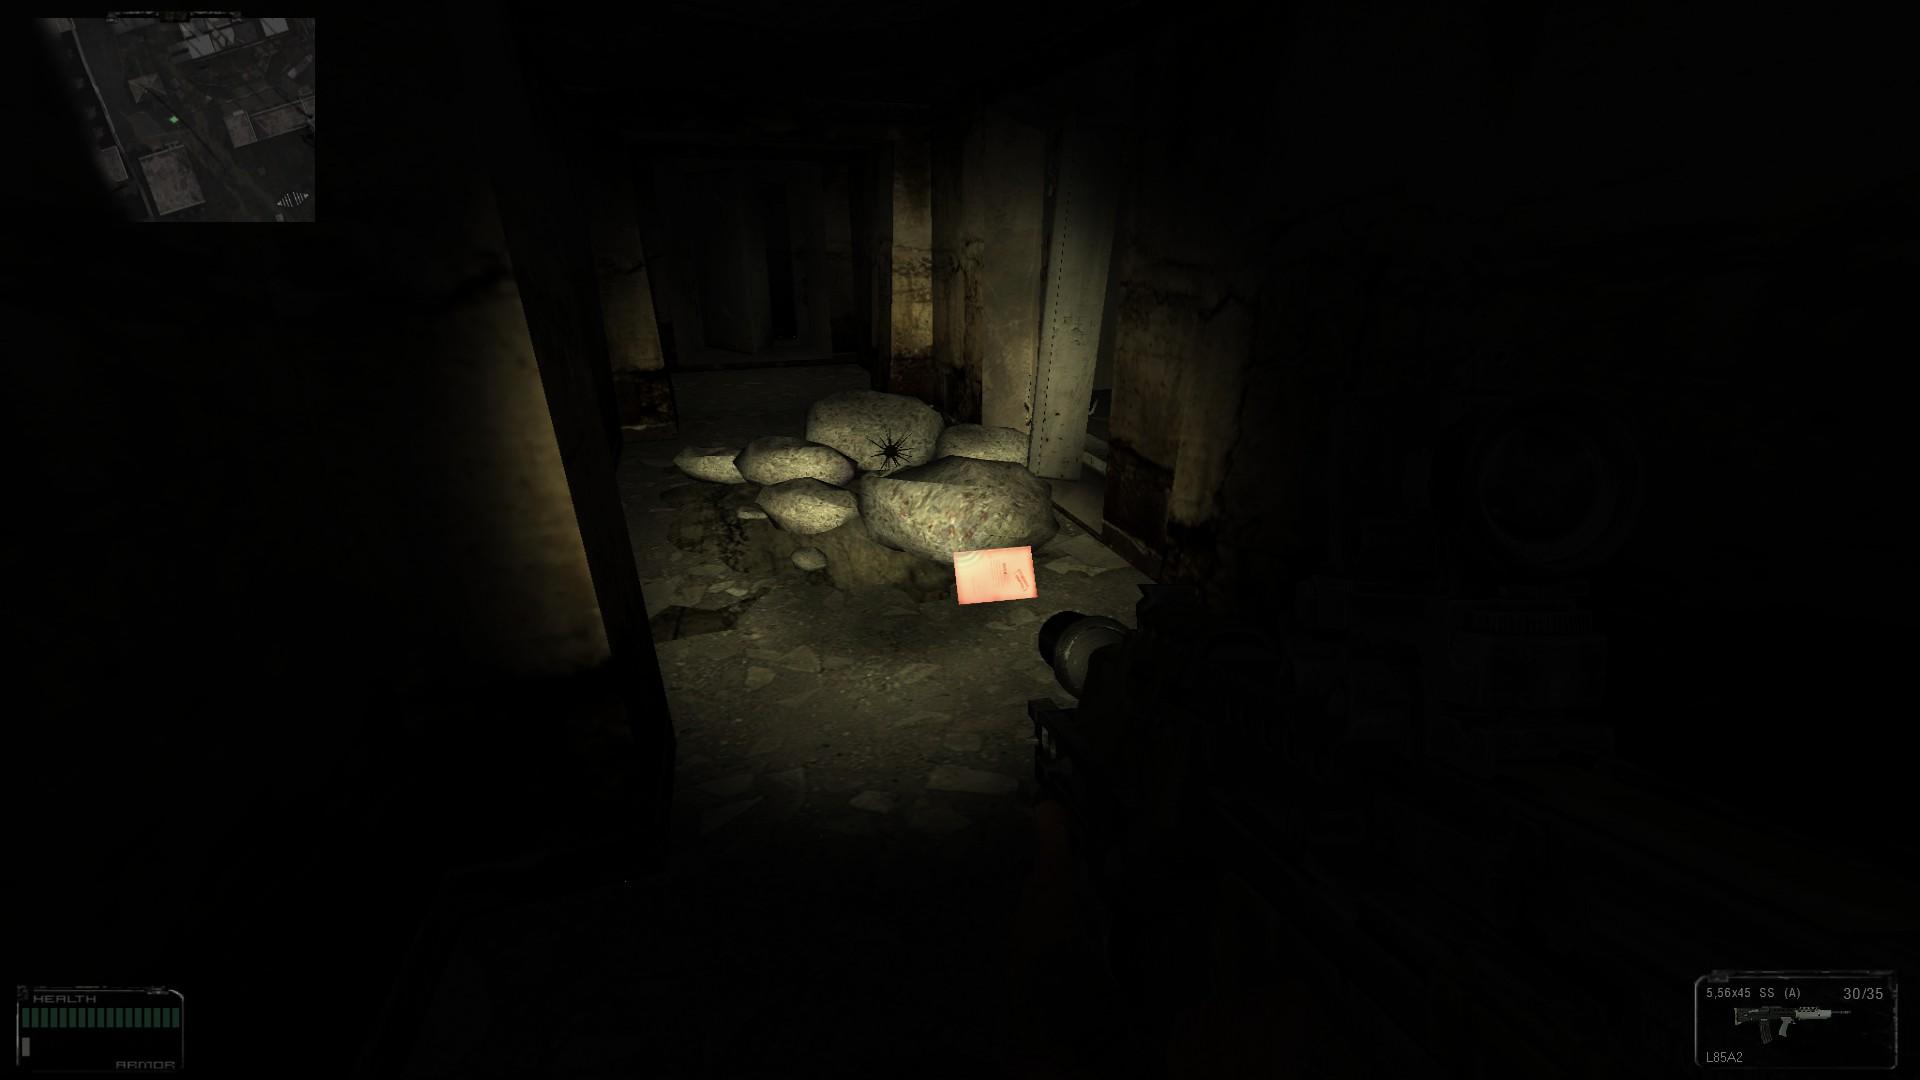 Oblivion Lost Remake 2.5 image 201